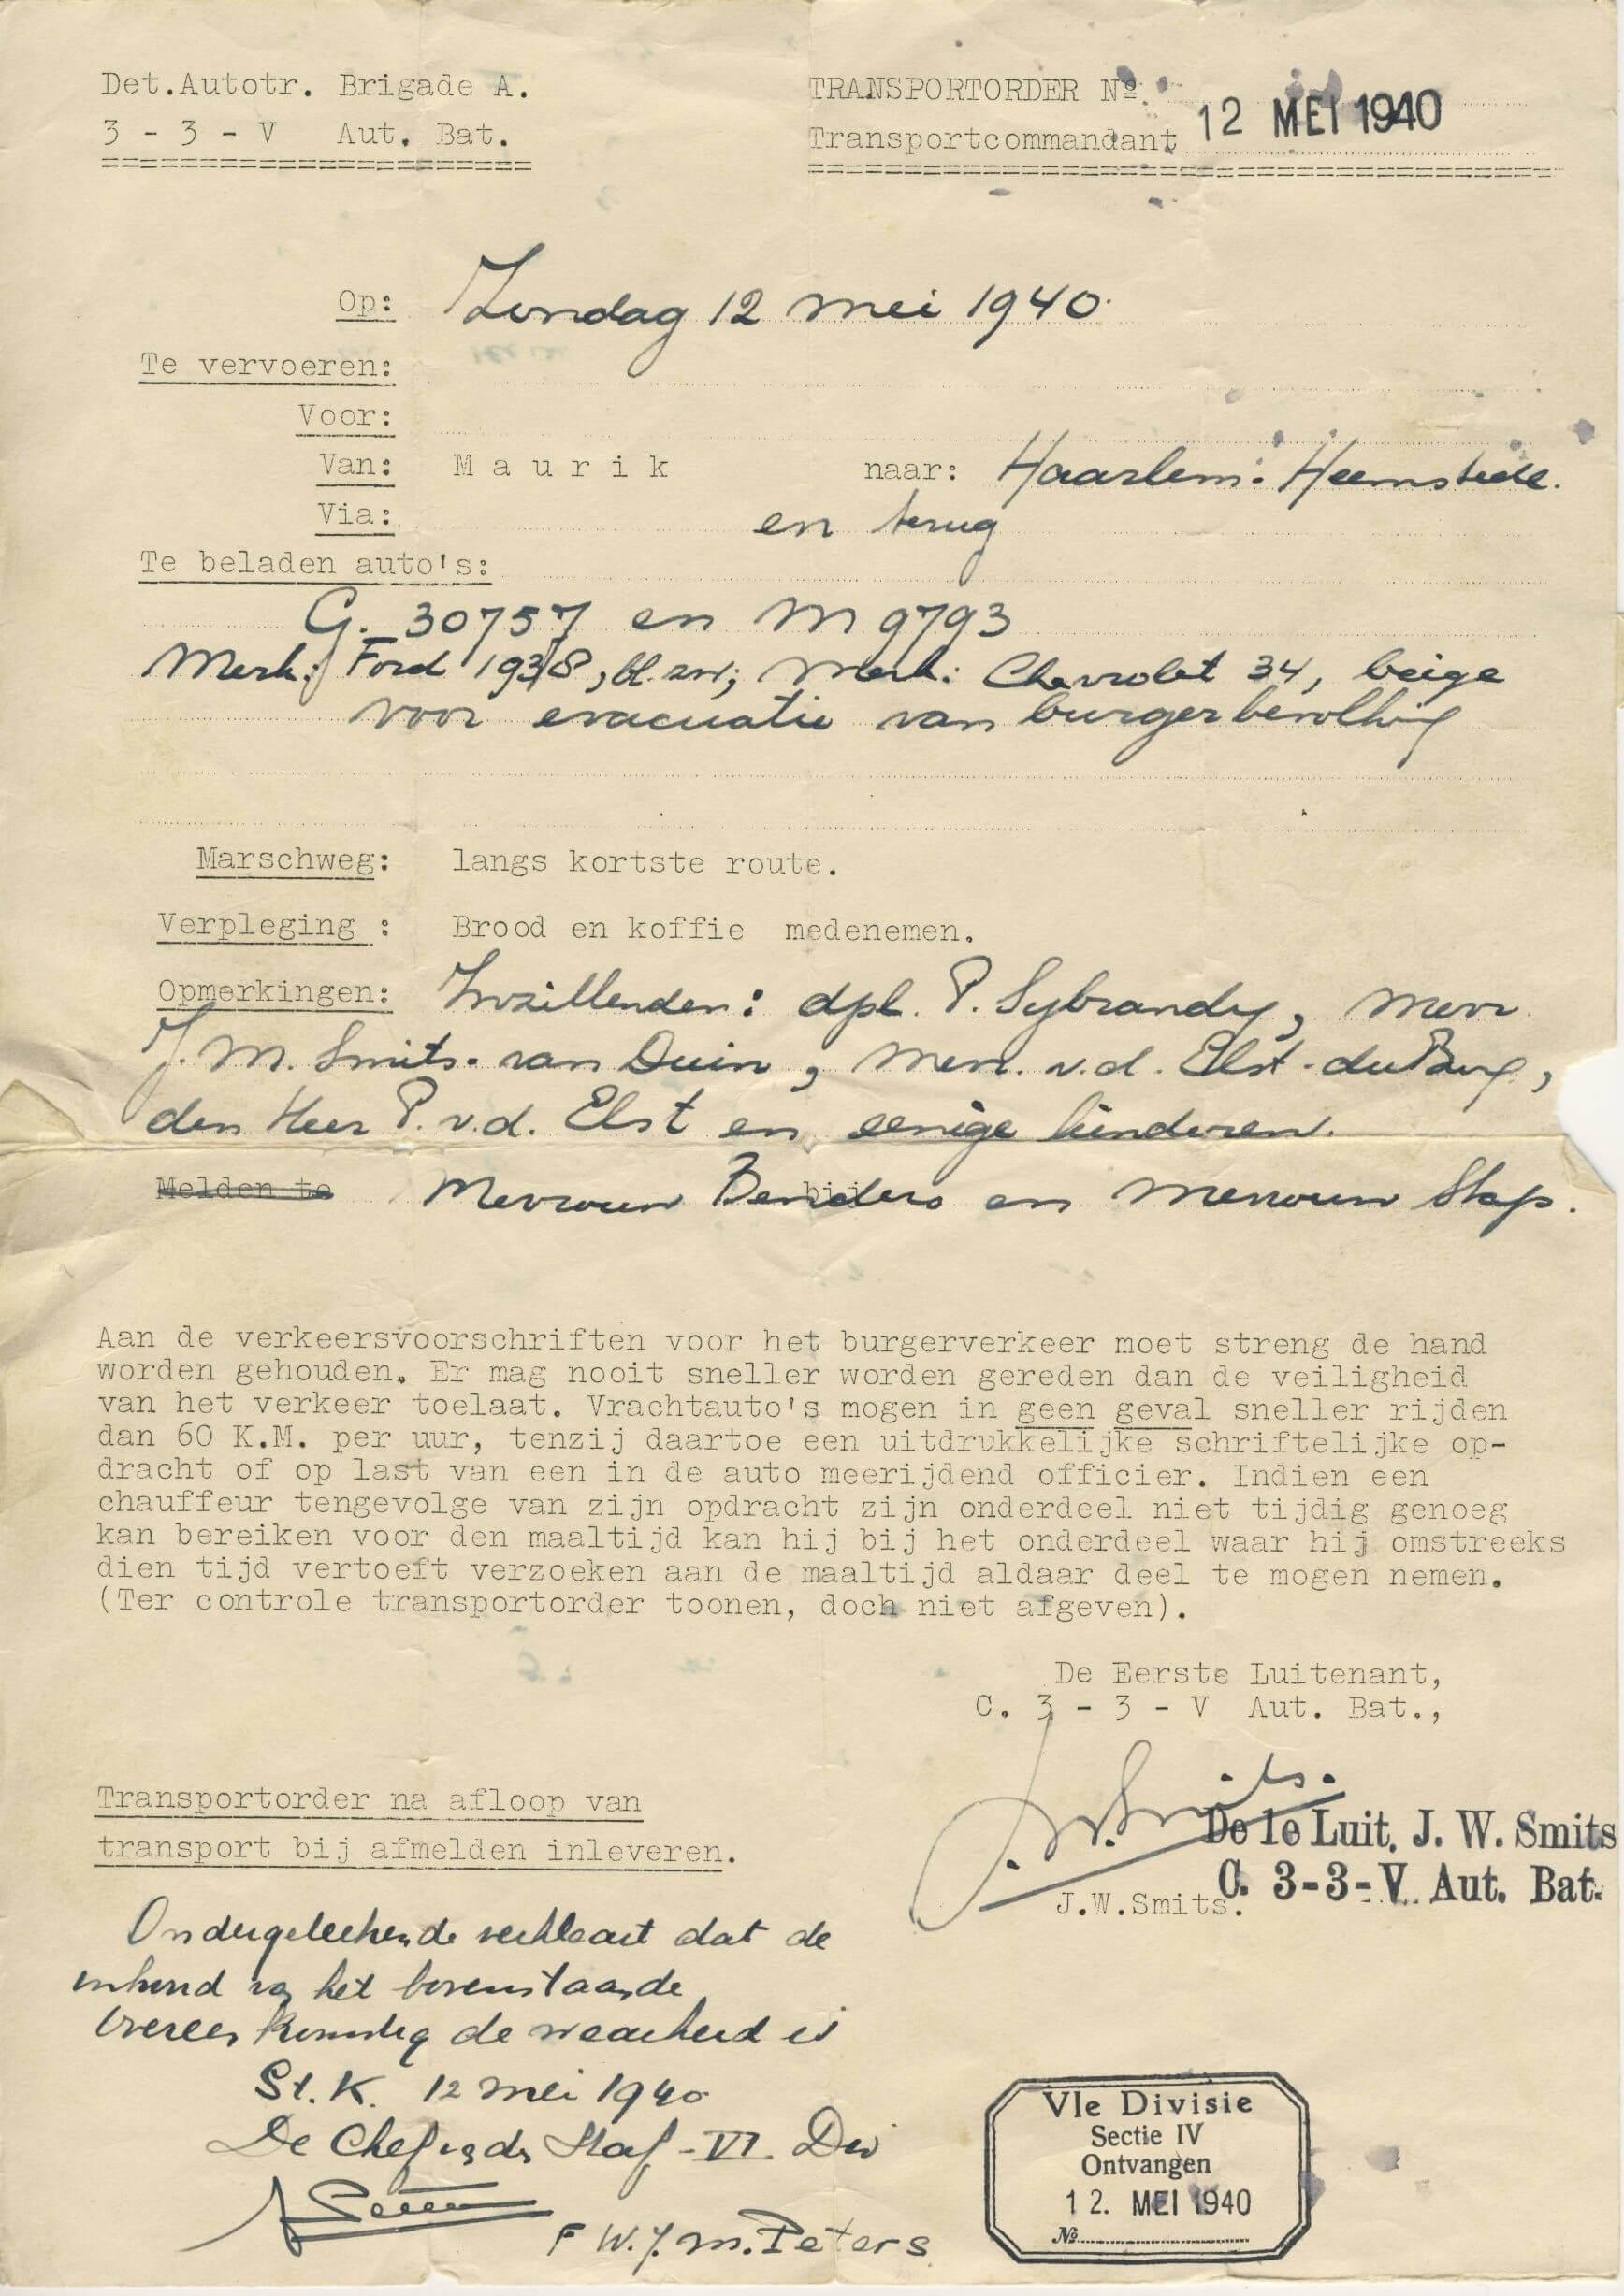 Transportorder uit de tweede wereldoorlog wo2 document